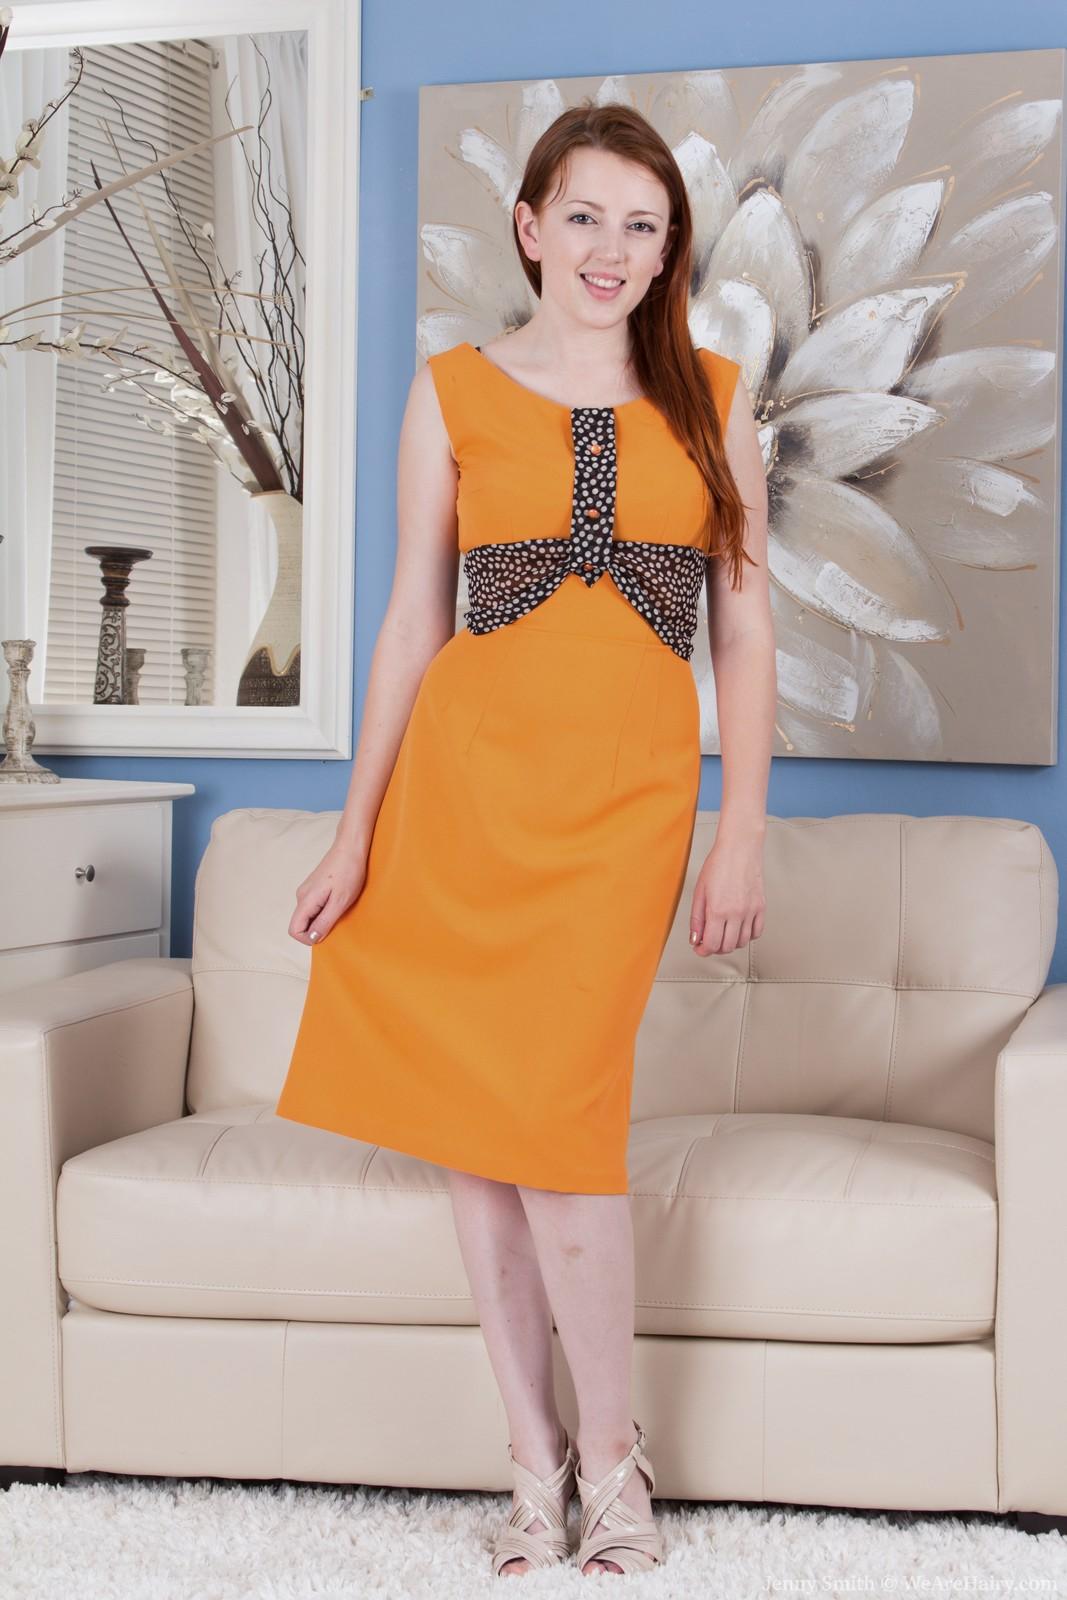 JennySmith-OrangeDressGreyBra-001